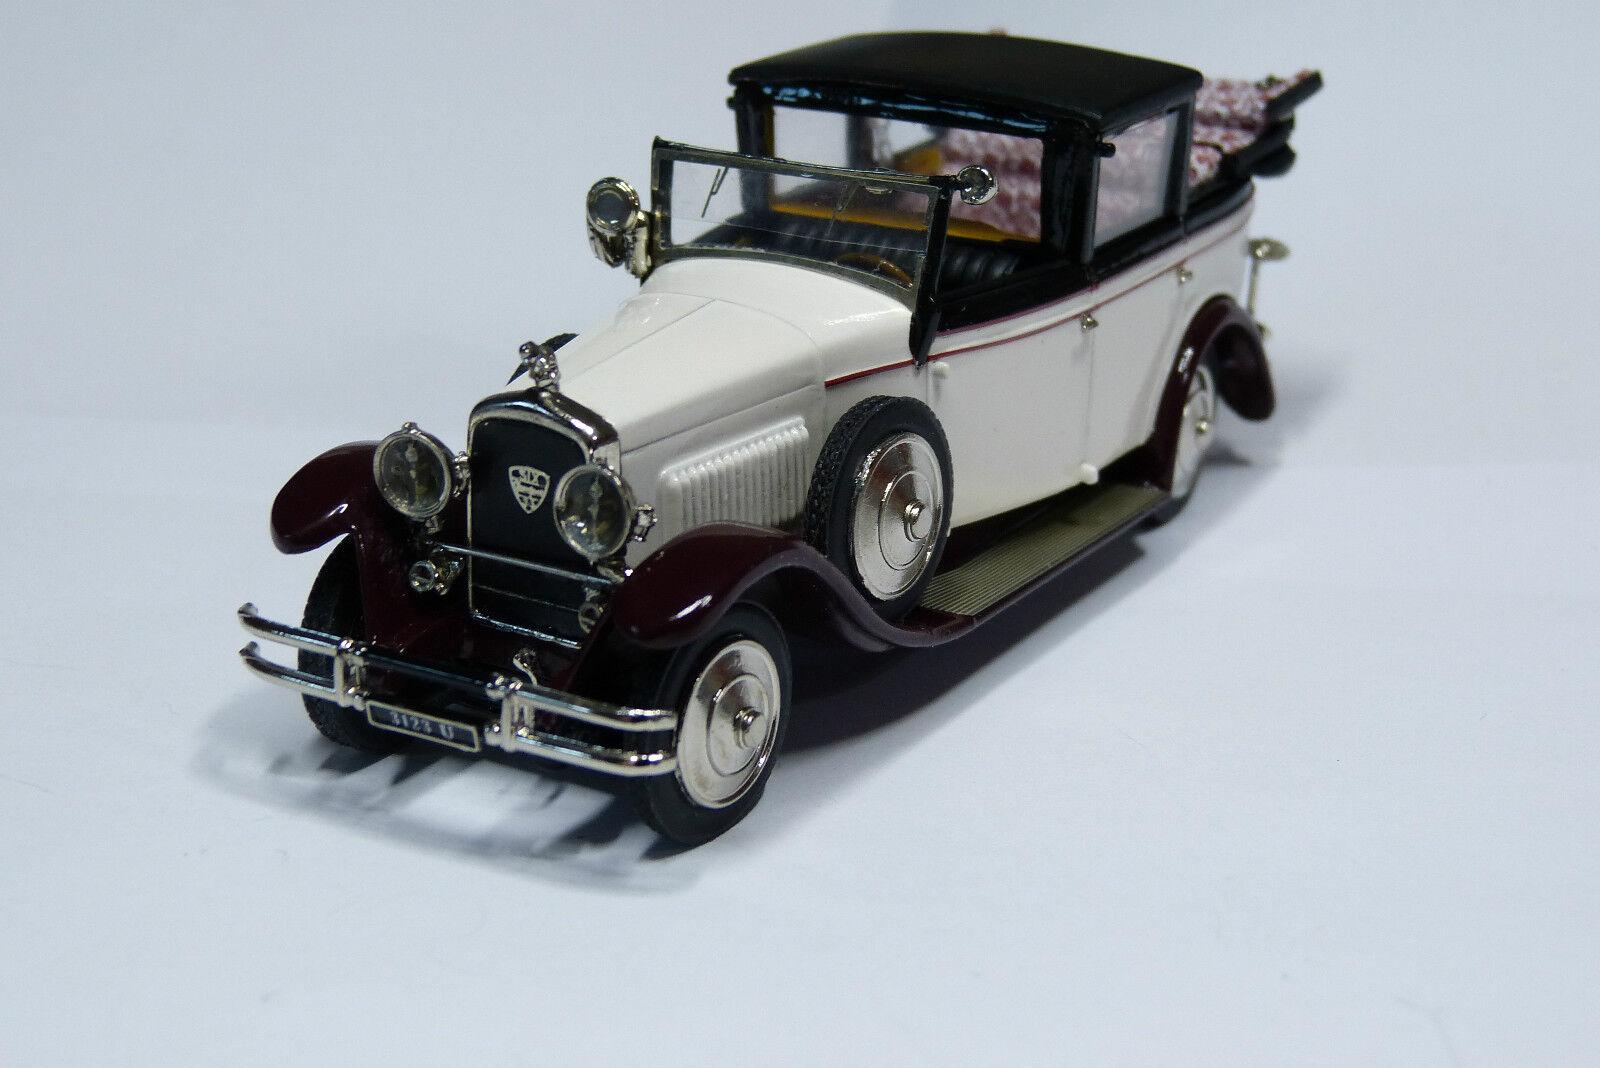 Kit pour miniature auto CCC   Peugeot 184 landolet  par labourdette réf 206